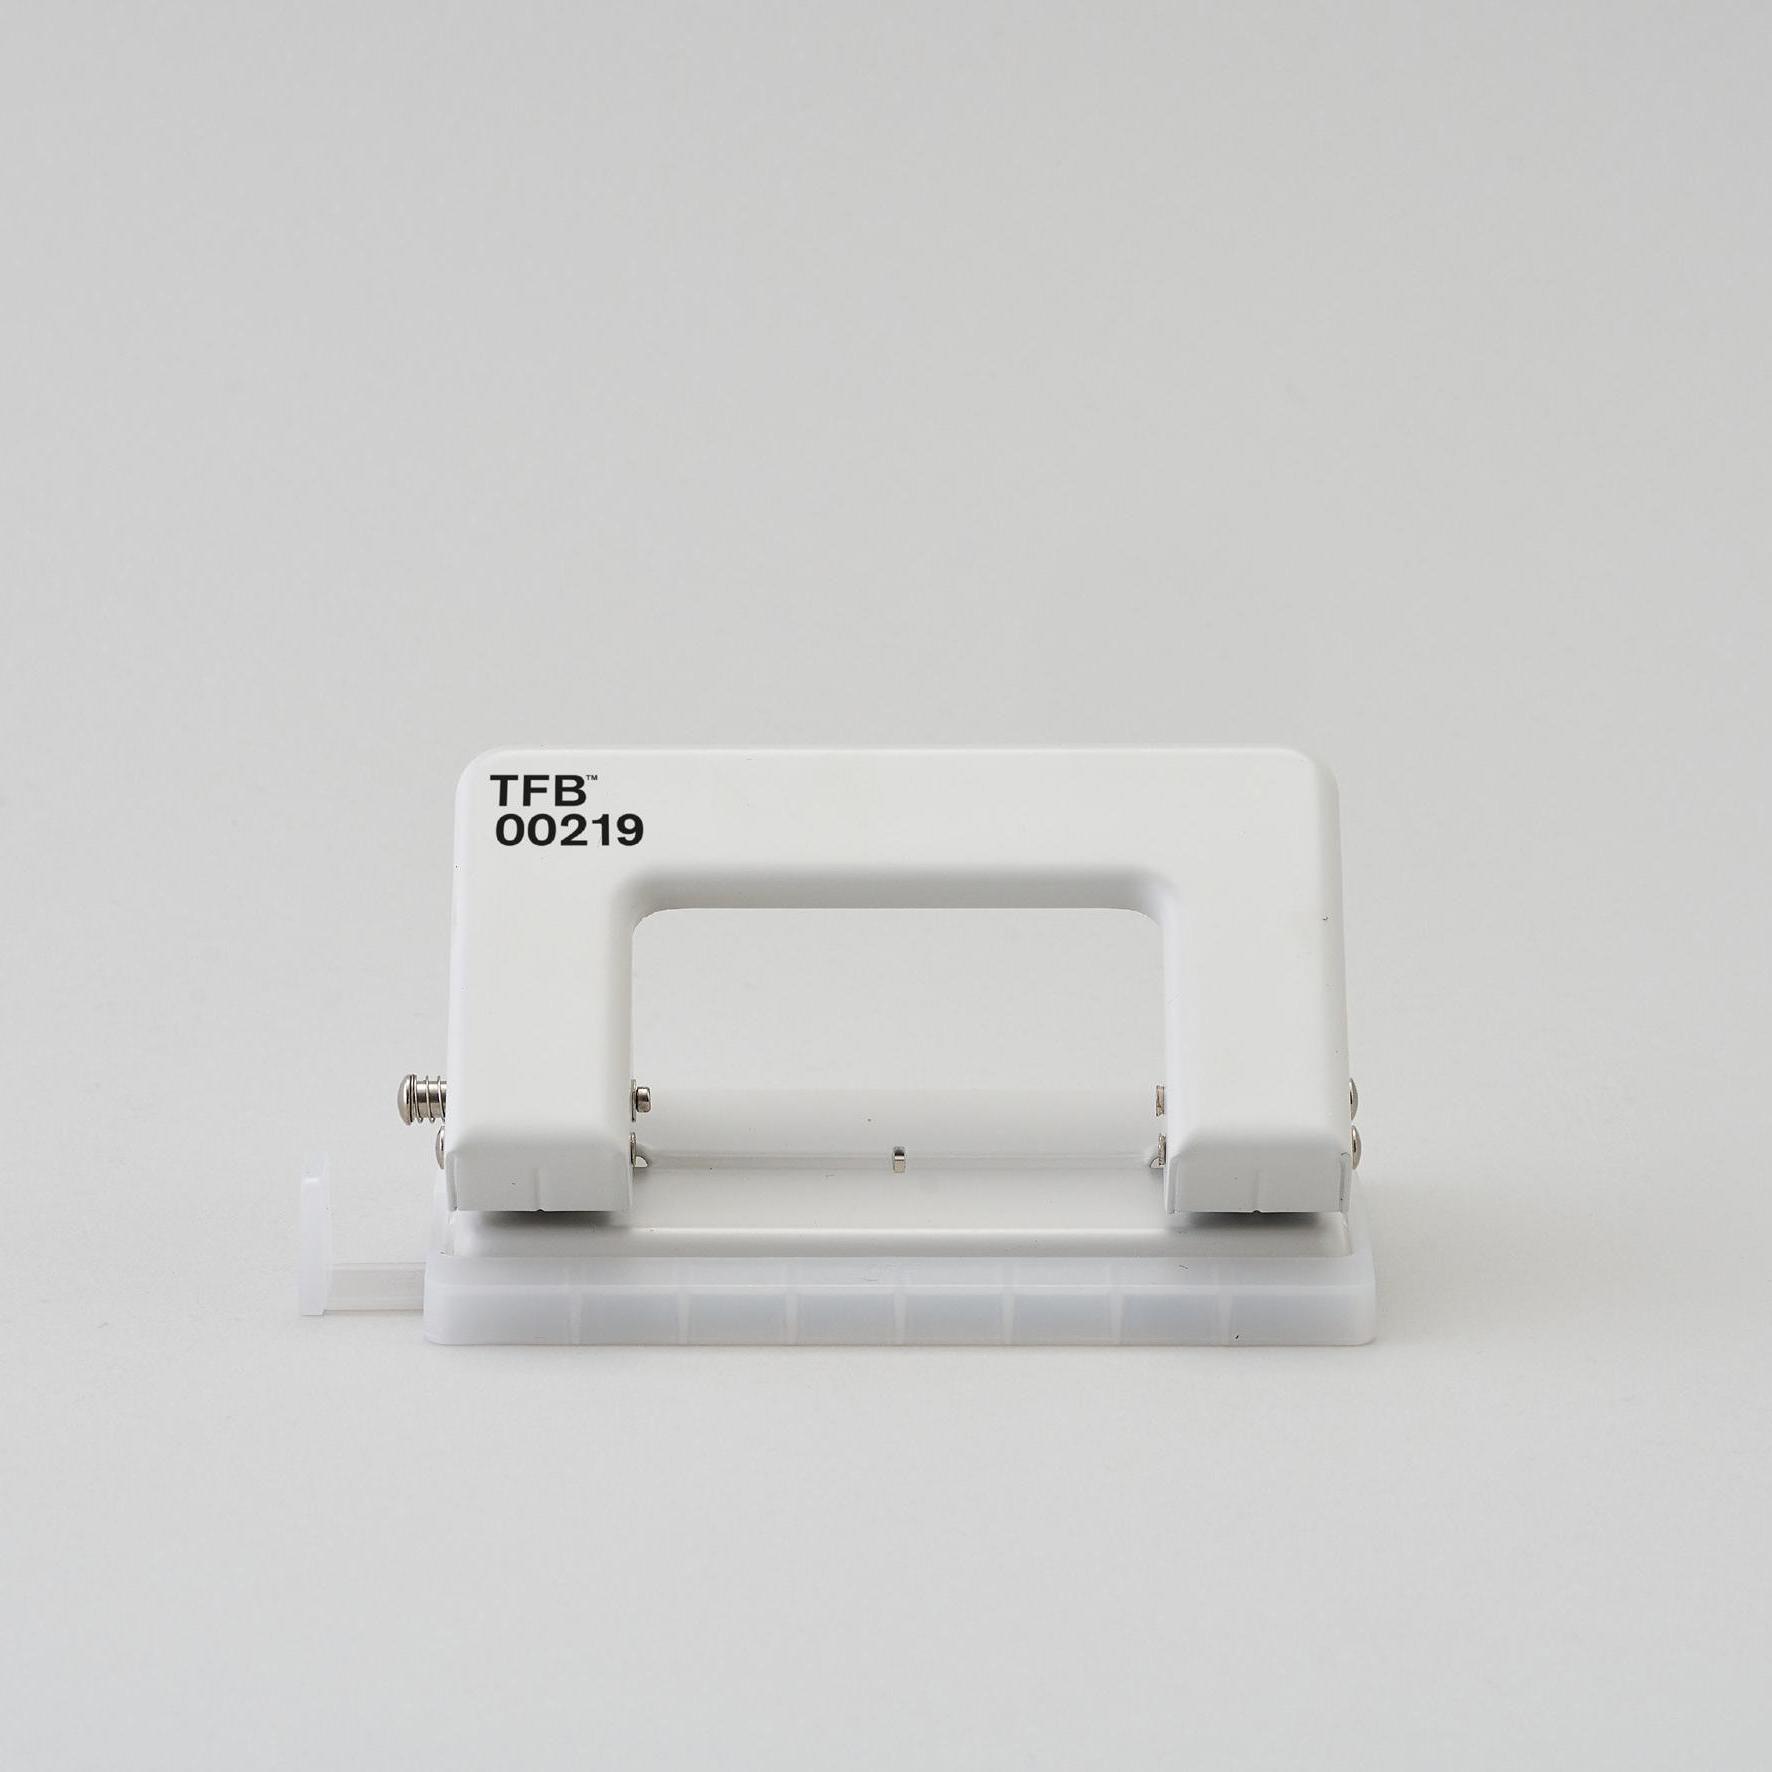 Buy Online Steven Wilson - TFB Dot Generator